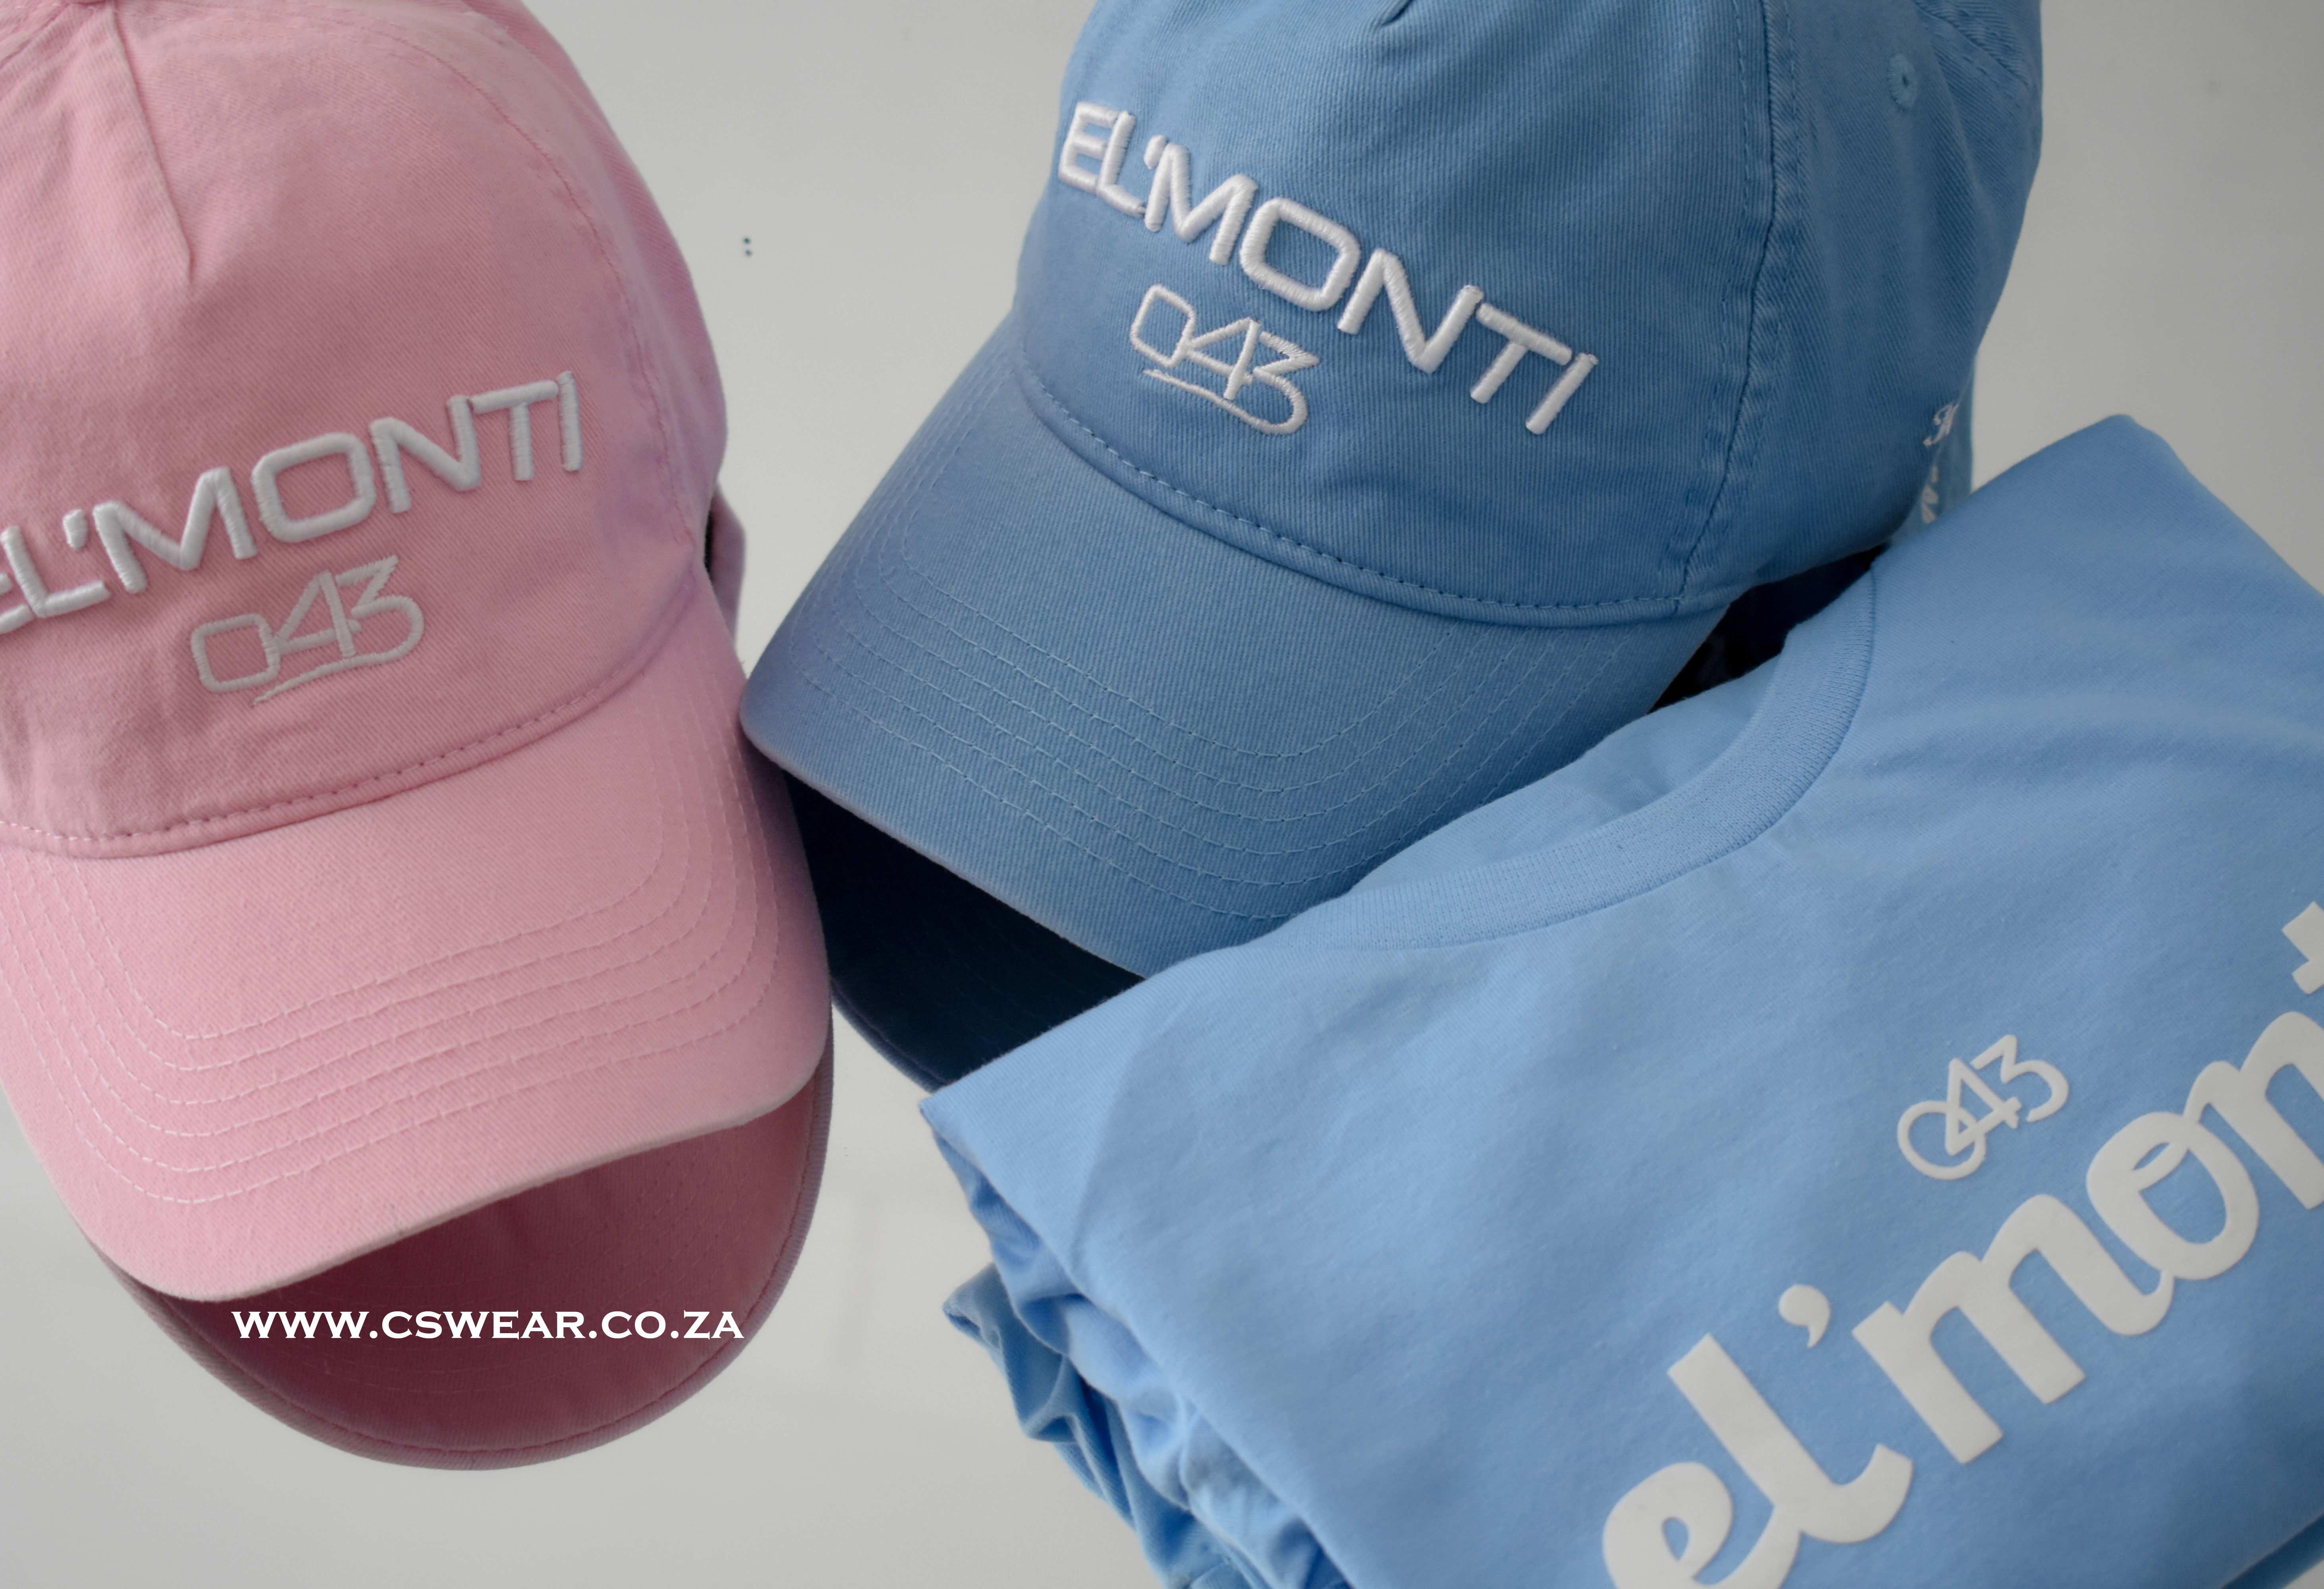 EL'MONTI caps and t-shirts